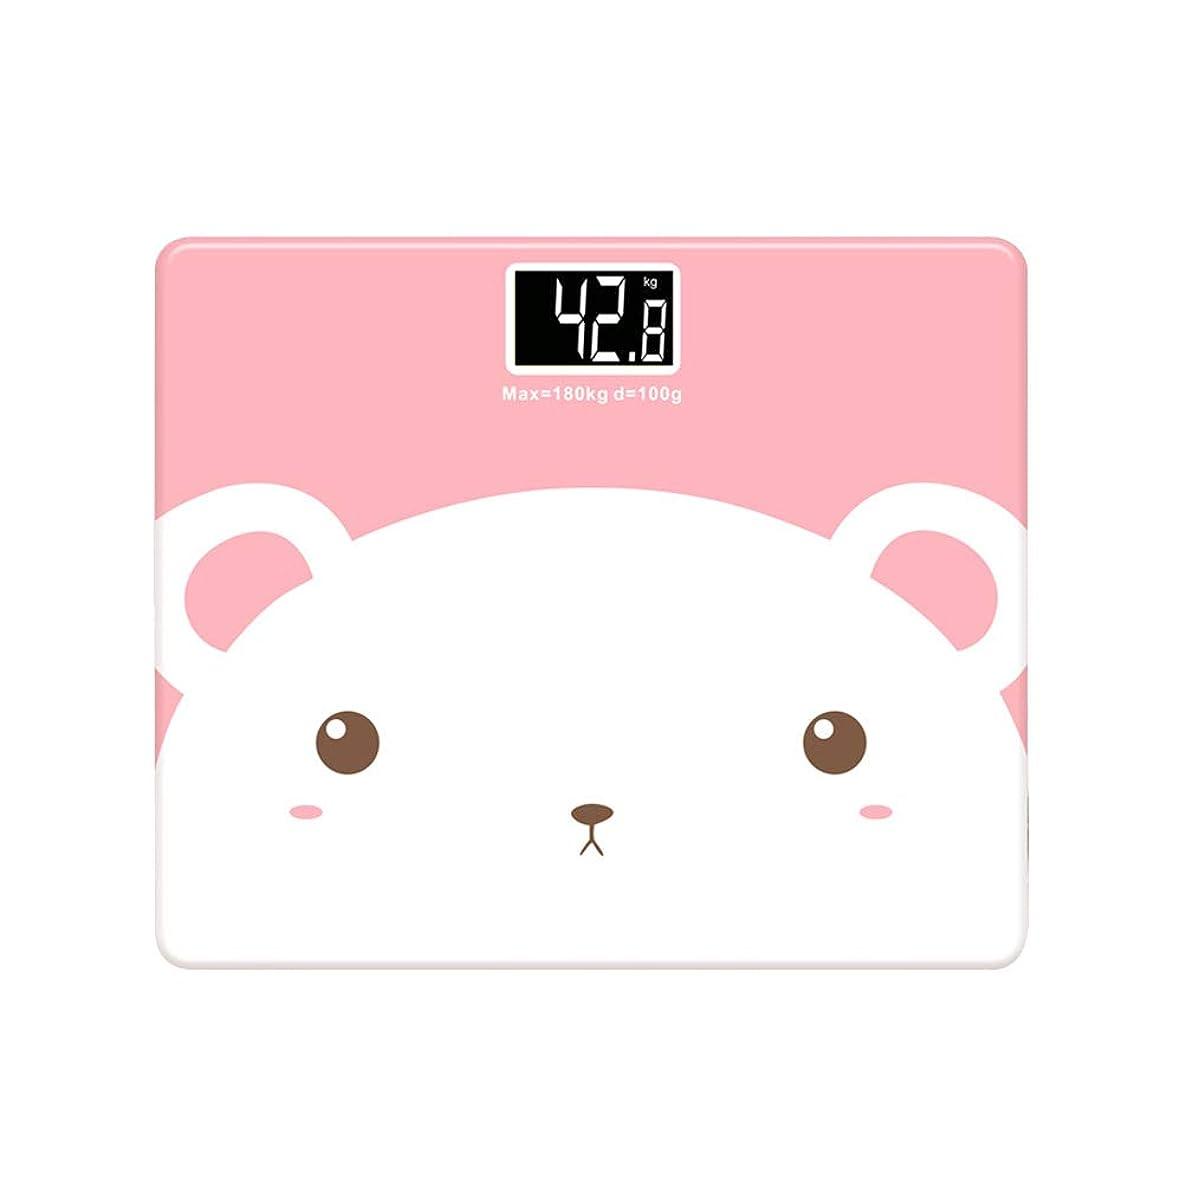 曖昧なうるさいによると体脂肪計、強化ガラスかわいい動物180キログラム/ 5キログラムミニ電子スケール適した女の赤ちゃん男の子女の子子供